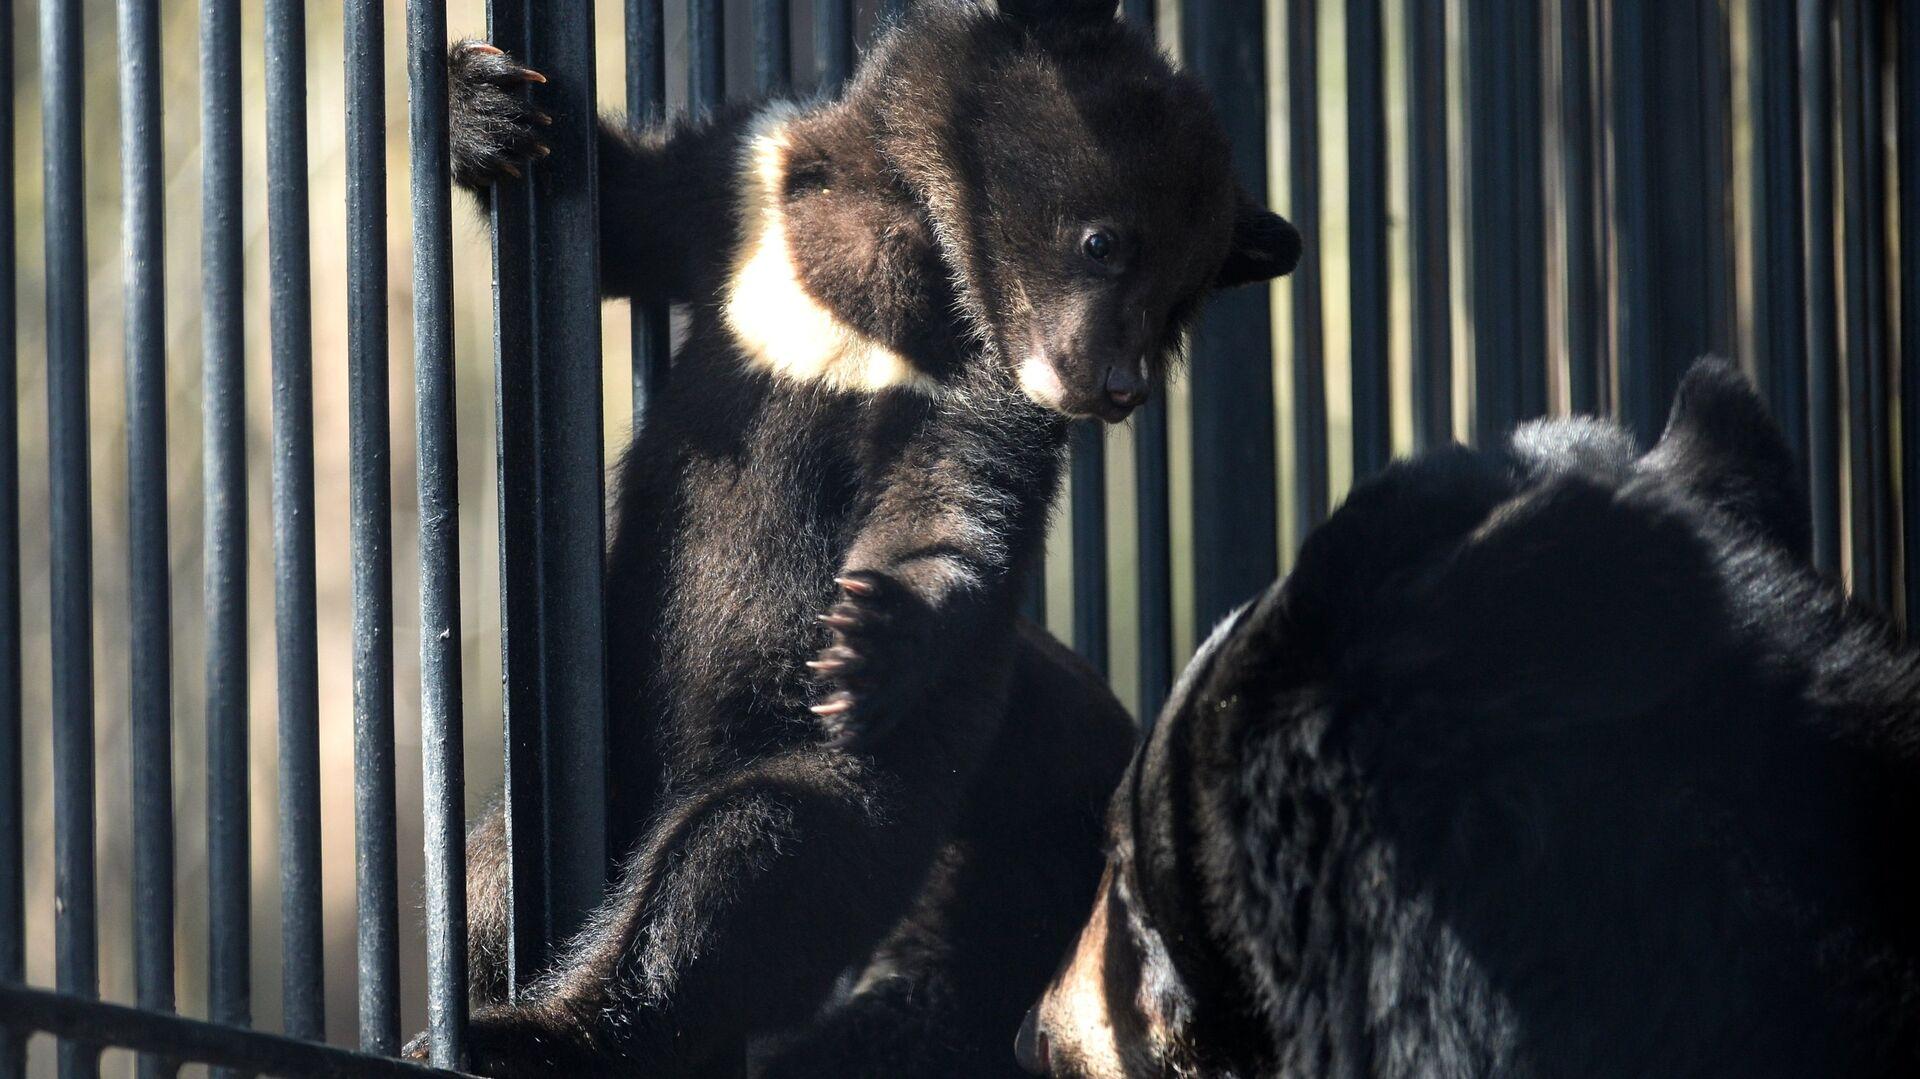 Гималайские медвежата в Новосибирском зоопарке - Sputnik Грузия, 1920, 17.09.2021